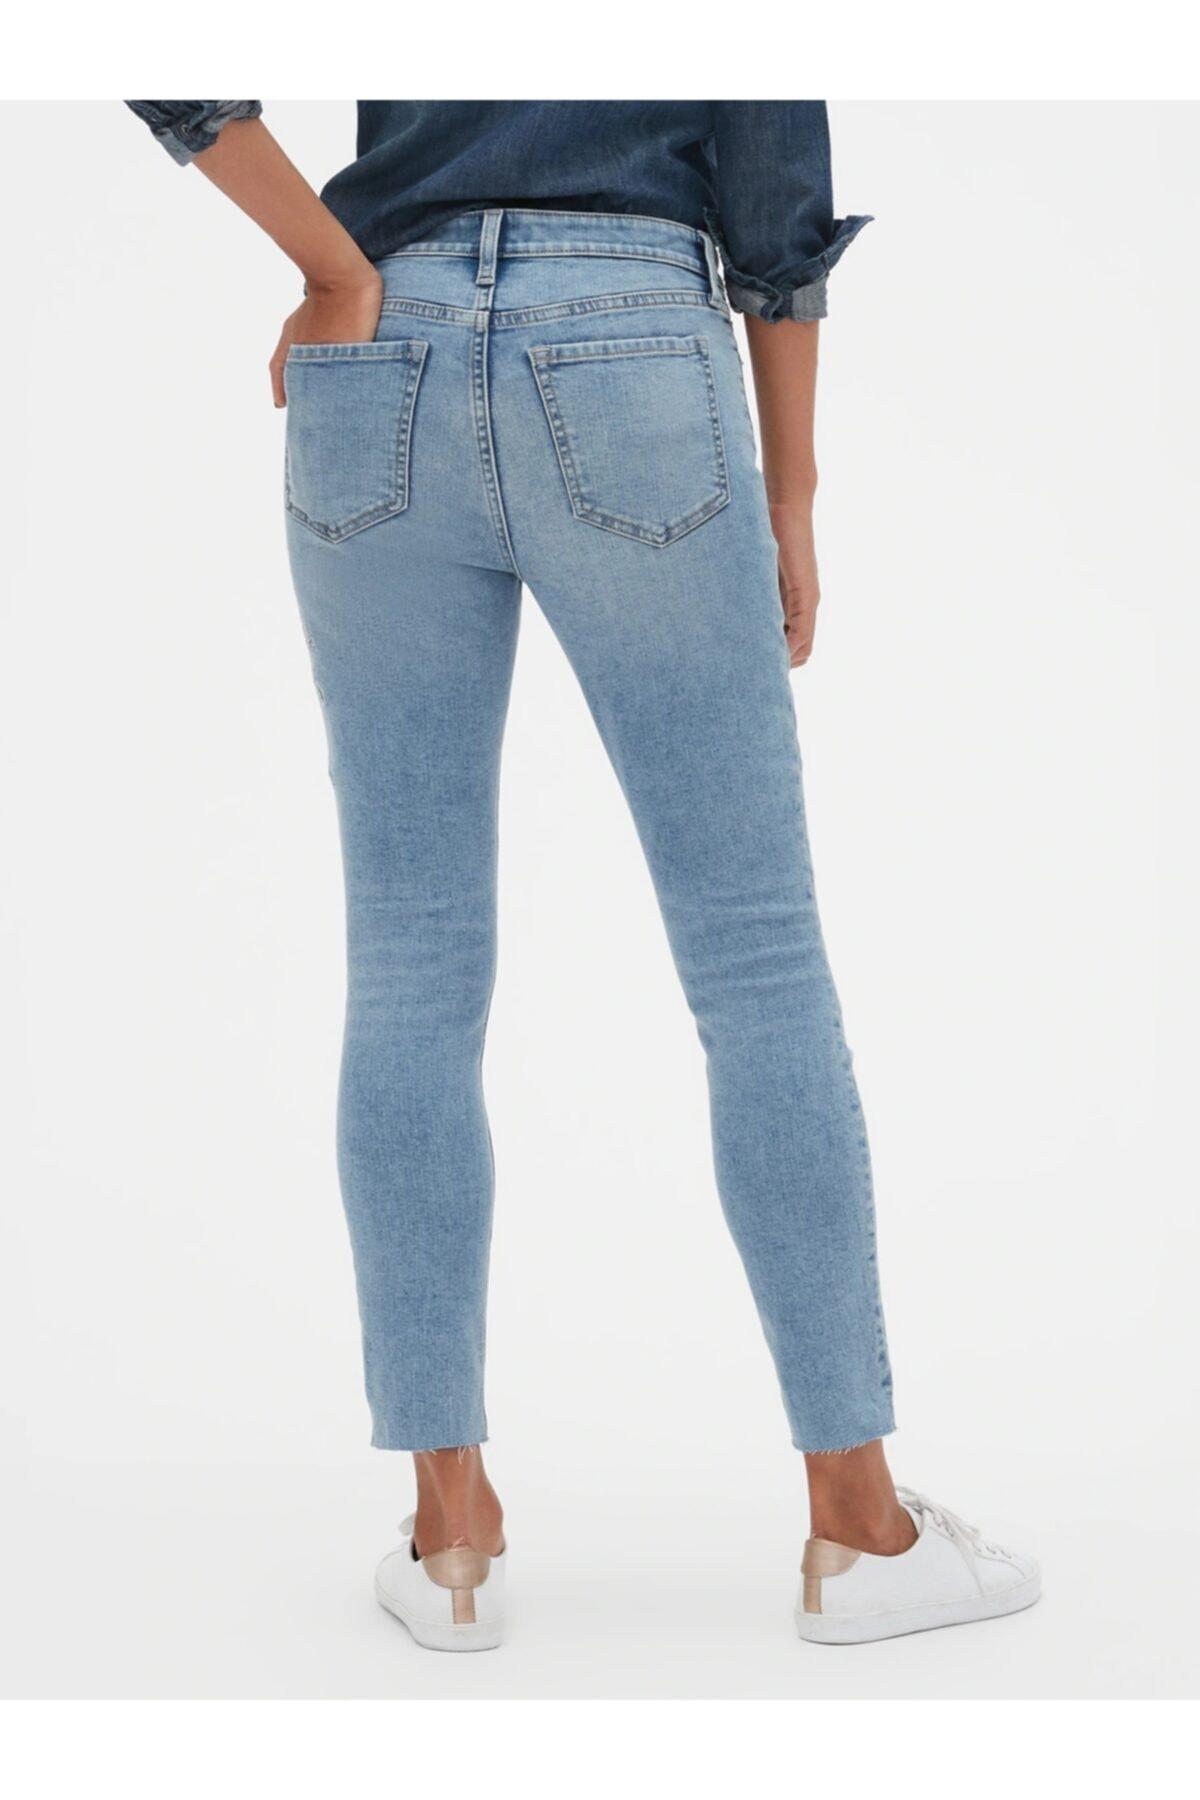 GAP Işlemeli Mid Rise Legging Skimmer Jean Pantolon 2